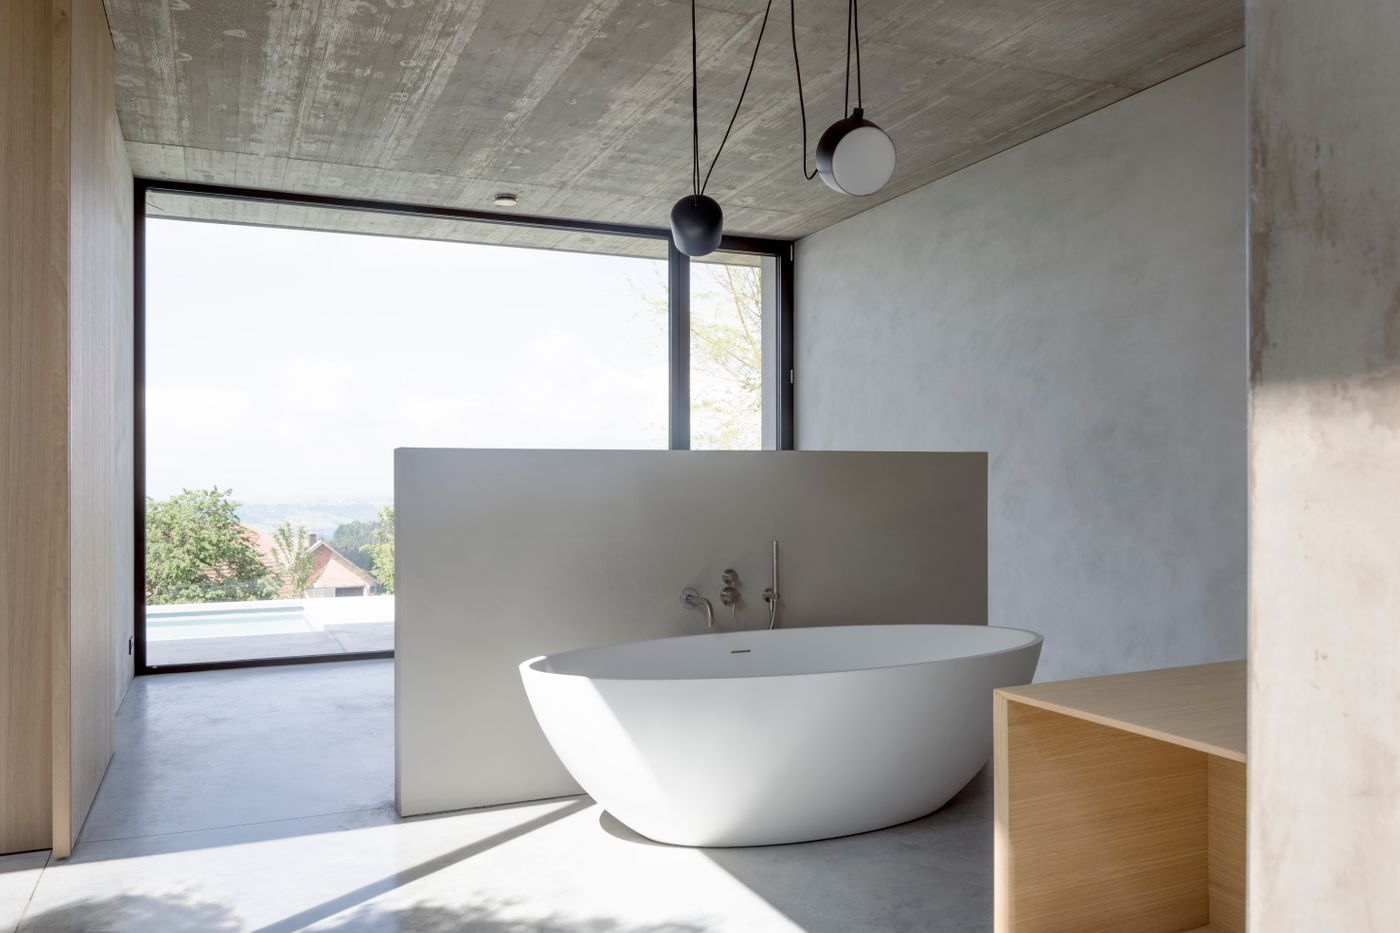 Beton im Bad (fugenlose Böden, Möbel, Paneel, Wannen, Becken)